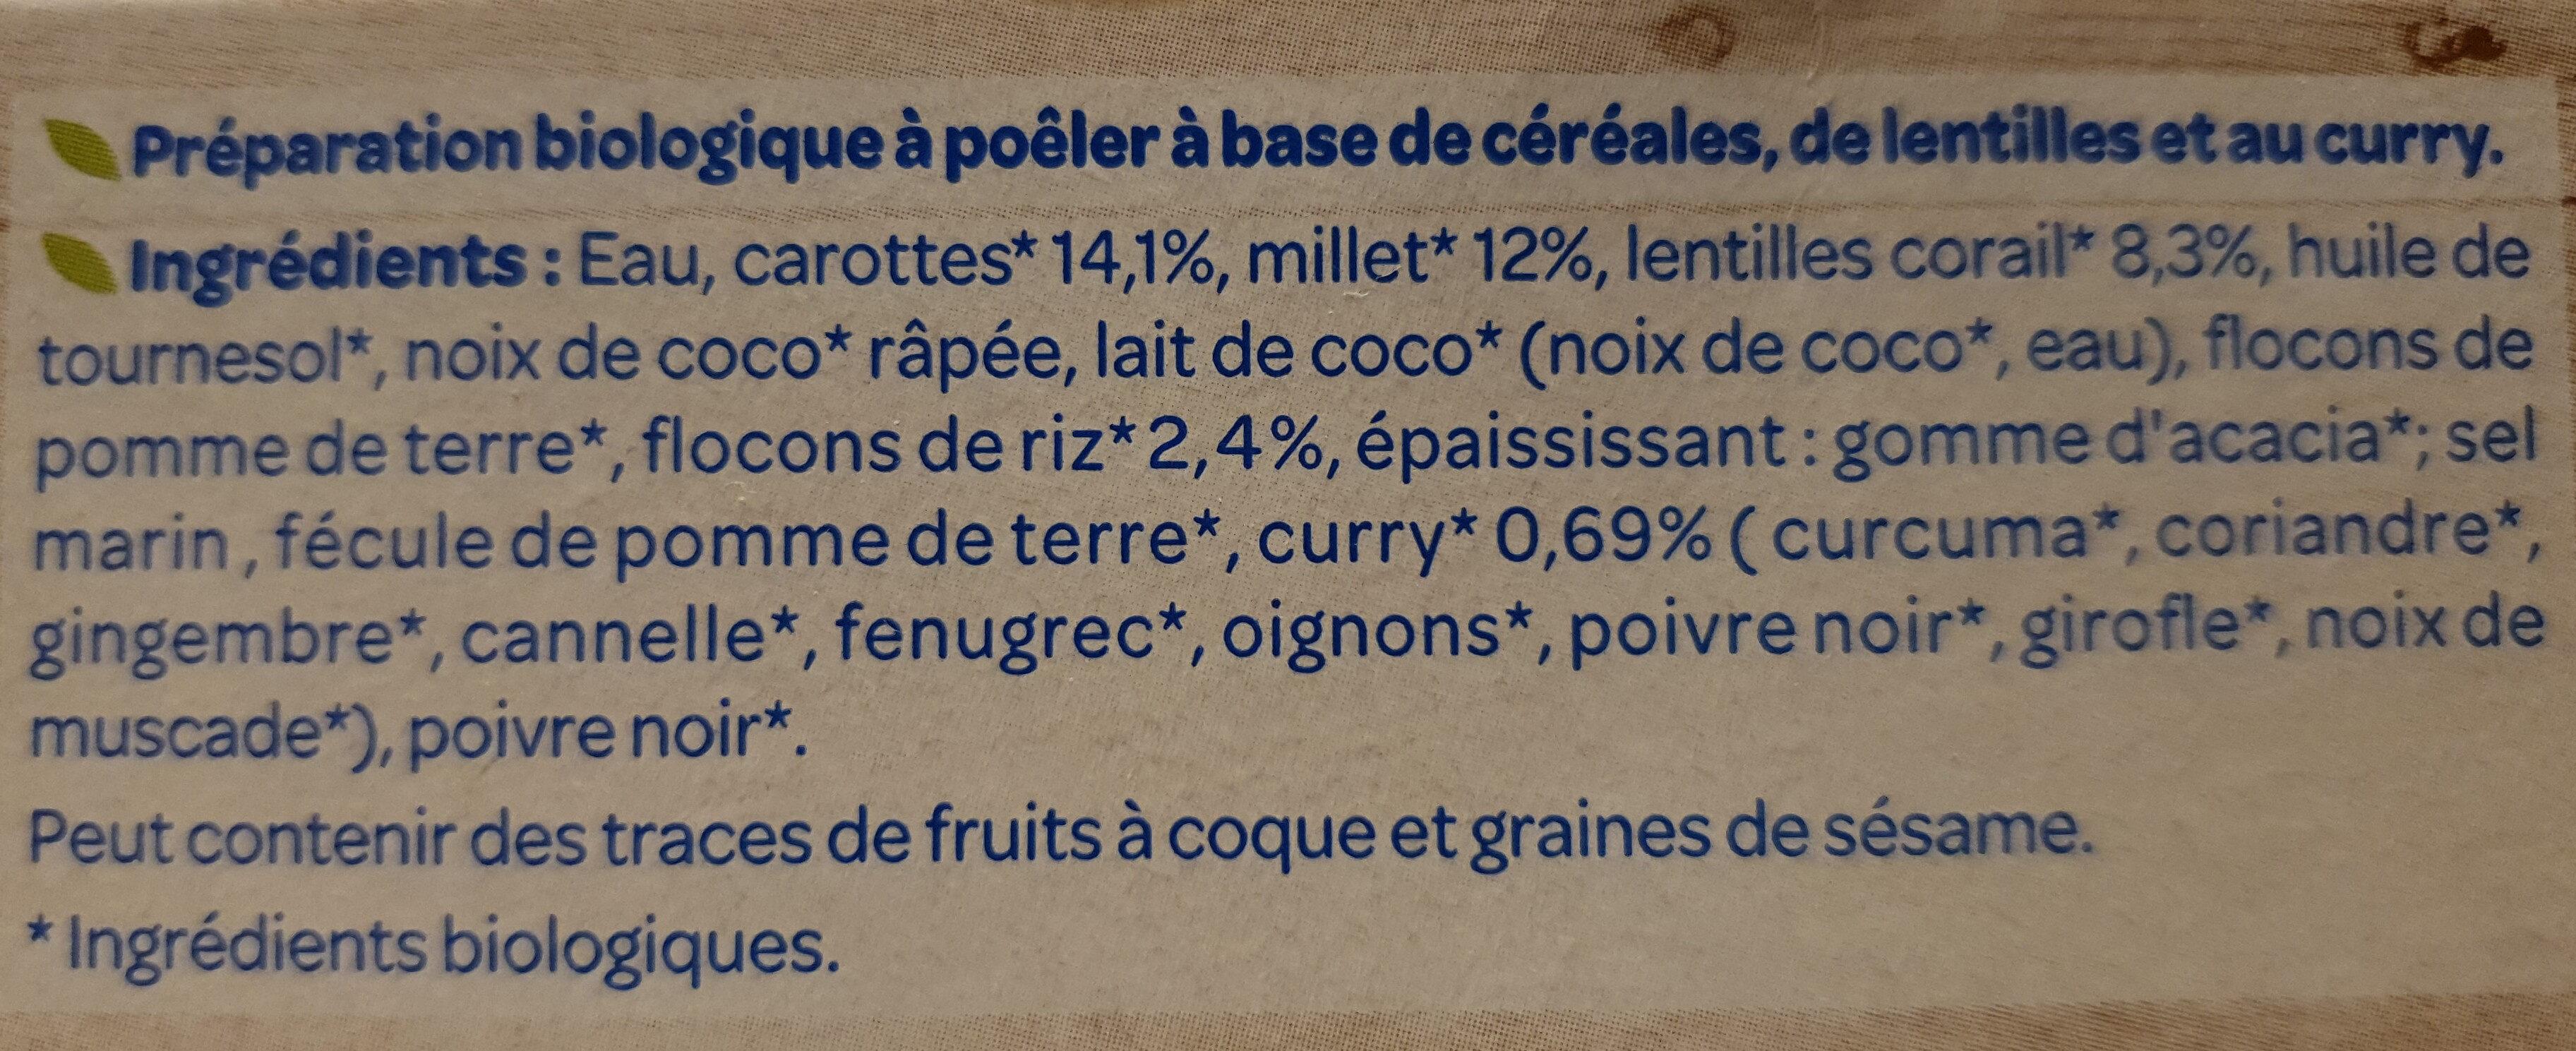 Galettes céréales lentilles et Curry Bio - Ingredienti - fr